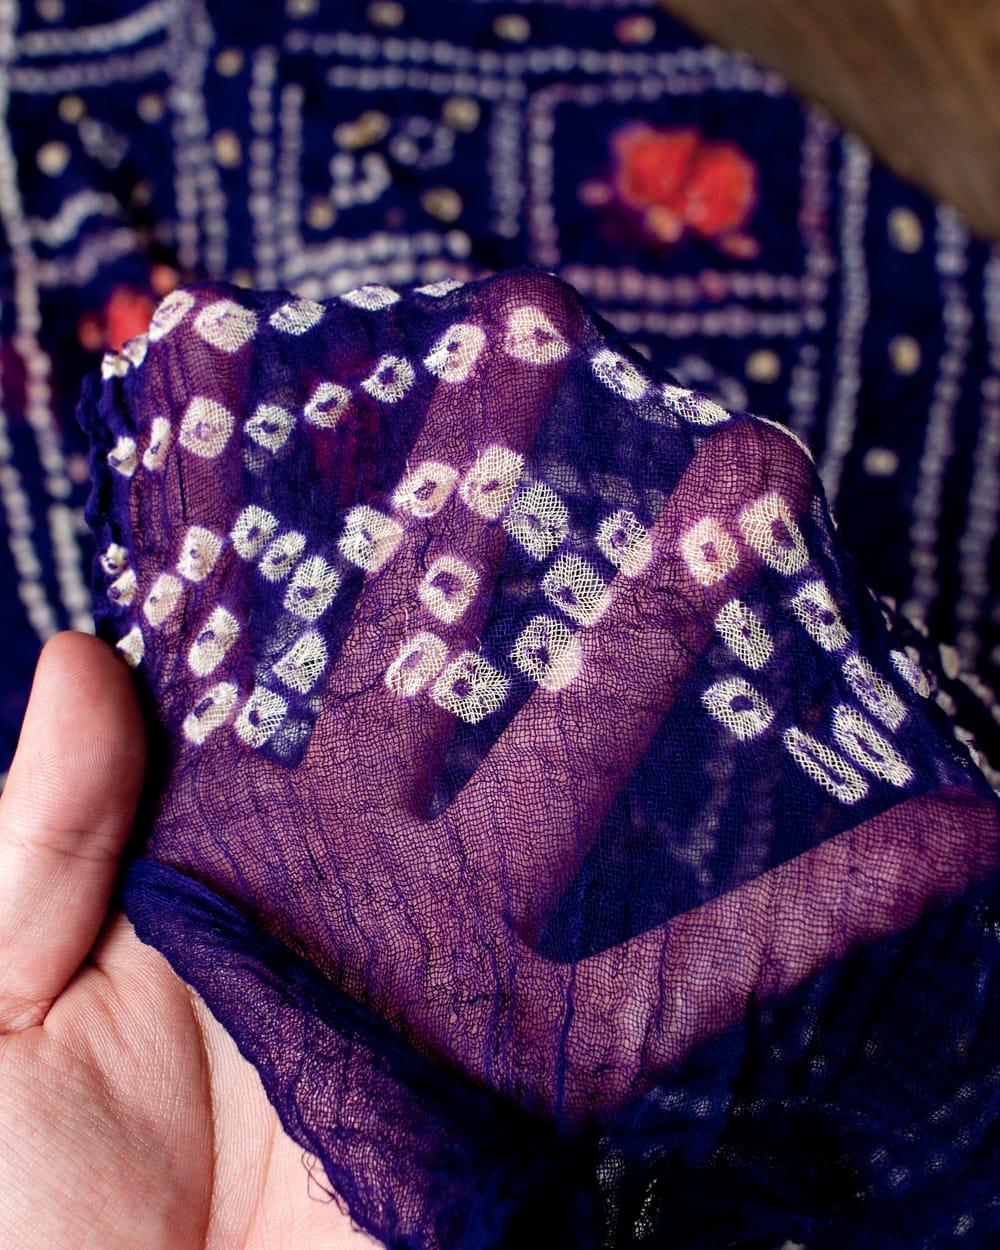 あなたが完成させる 伝統の絞り染めストール バンデジ - 紫系 4 - ふんわりとした生地です